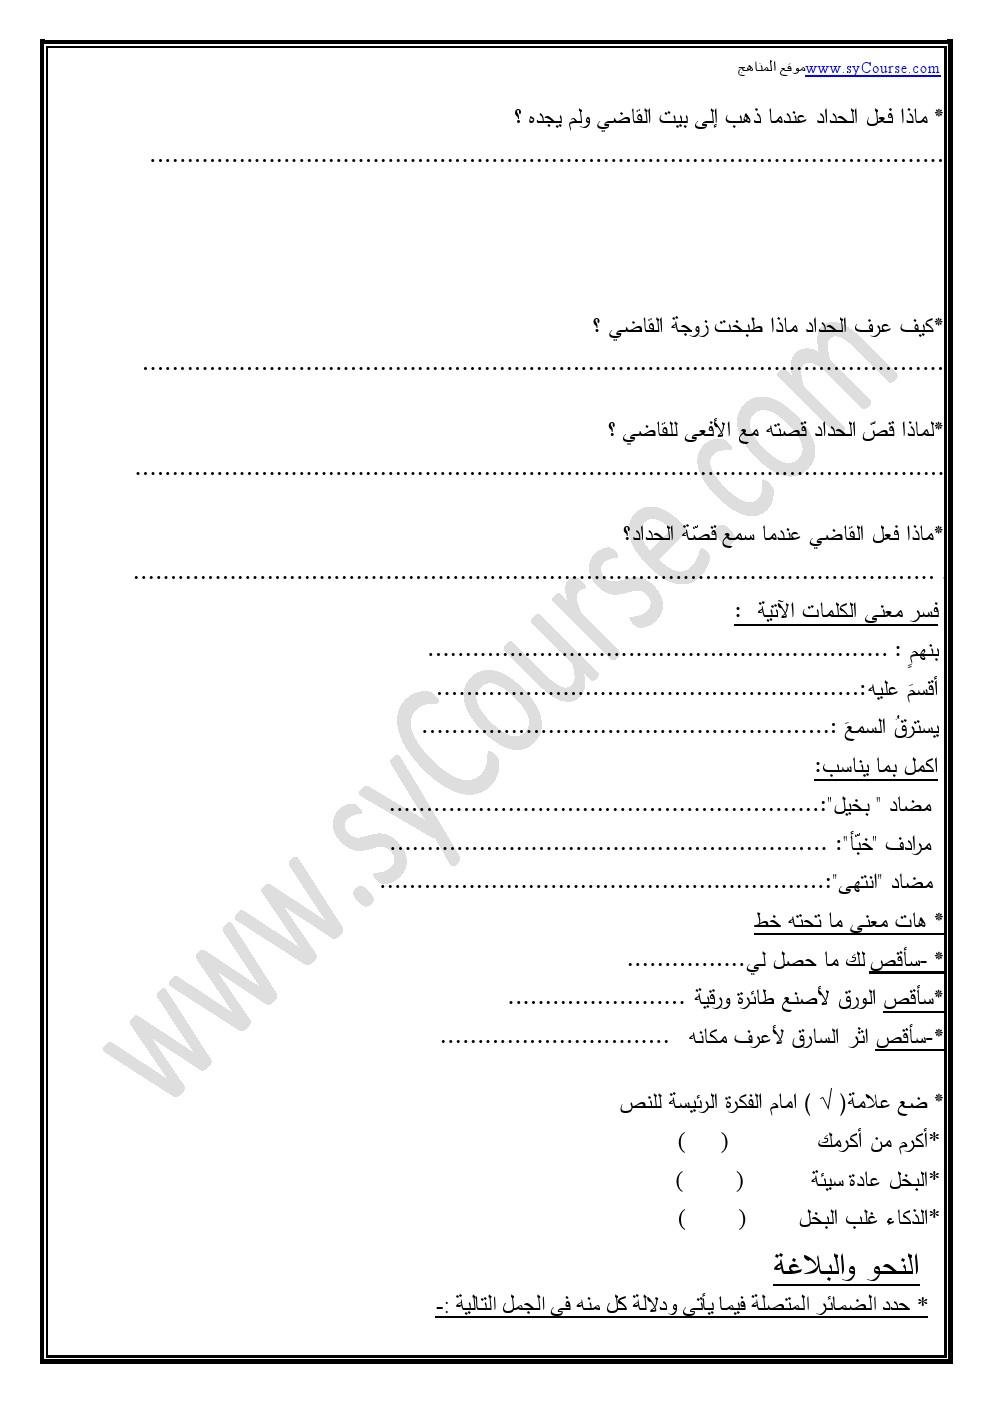 حل كتاب العربي للصف التاسع الفصل الثاني الكويت